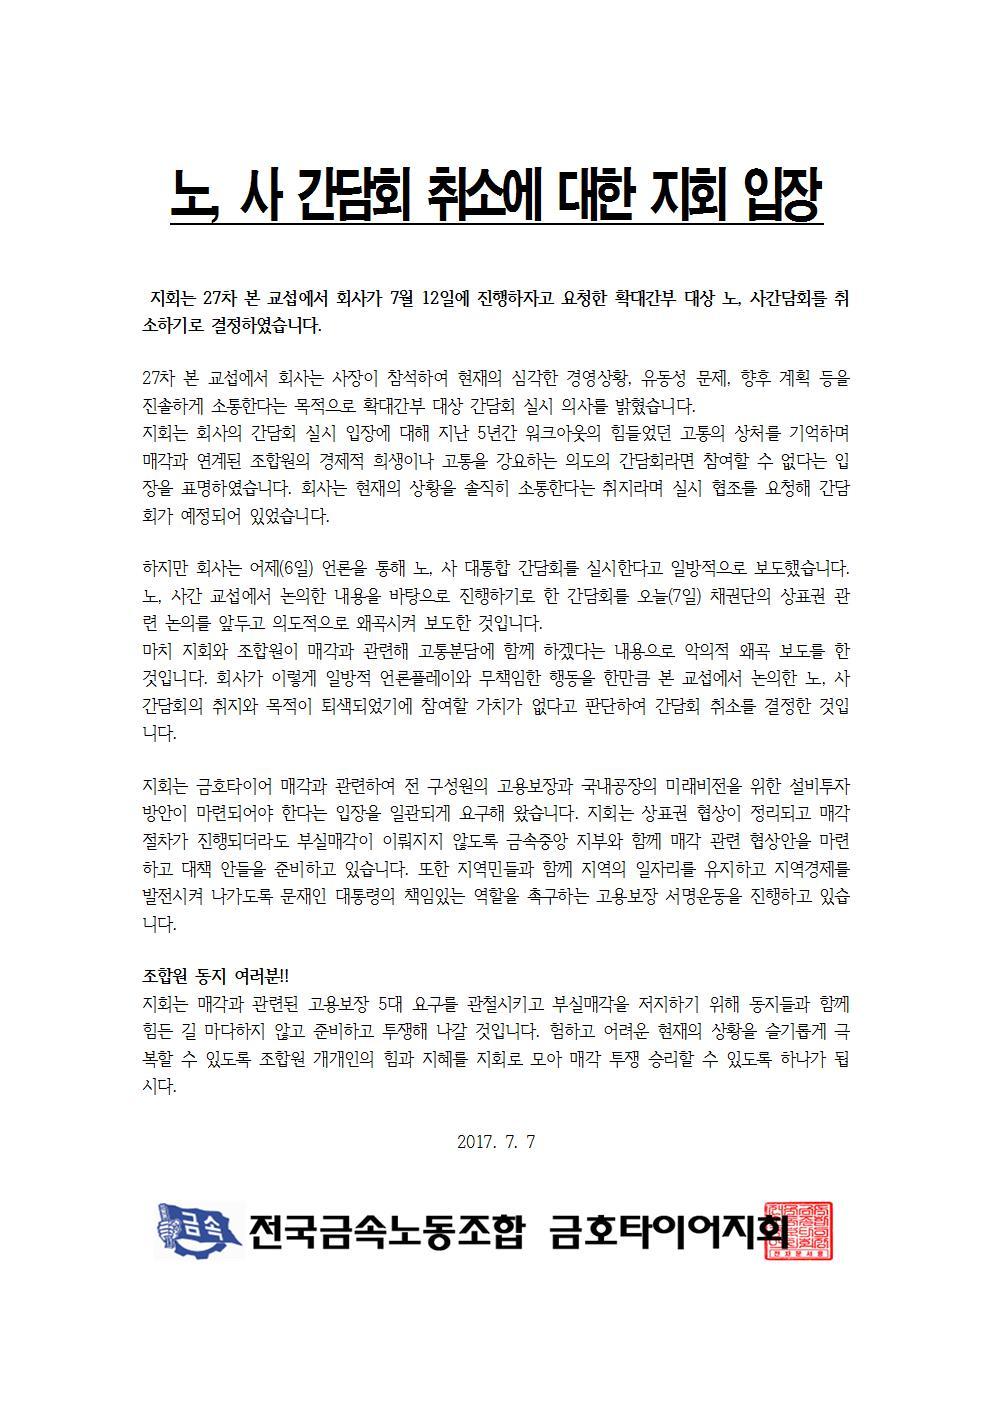 노사간담회 취소에 대한 지회 입장001.jpg